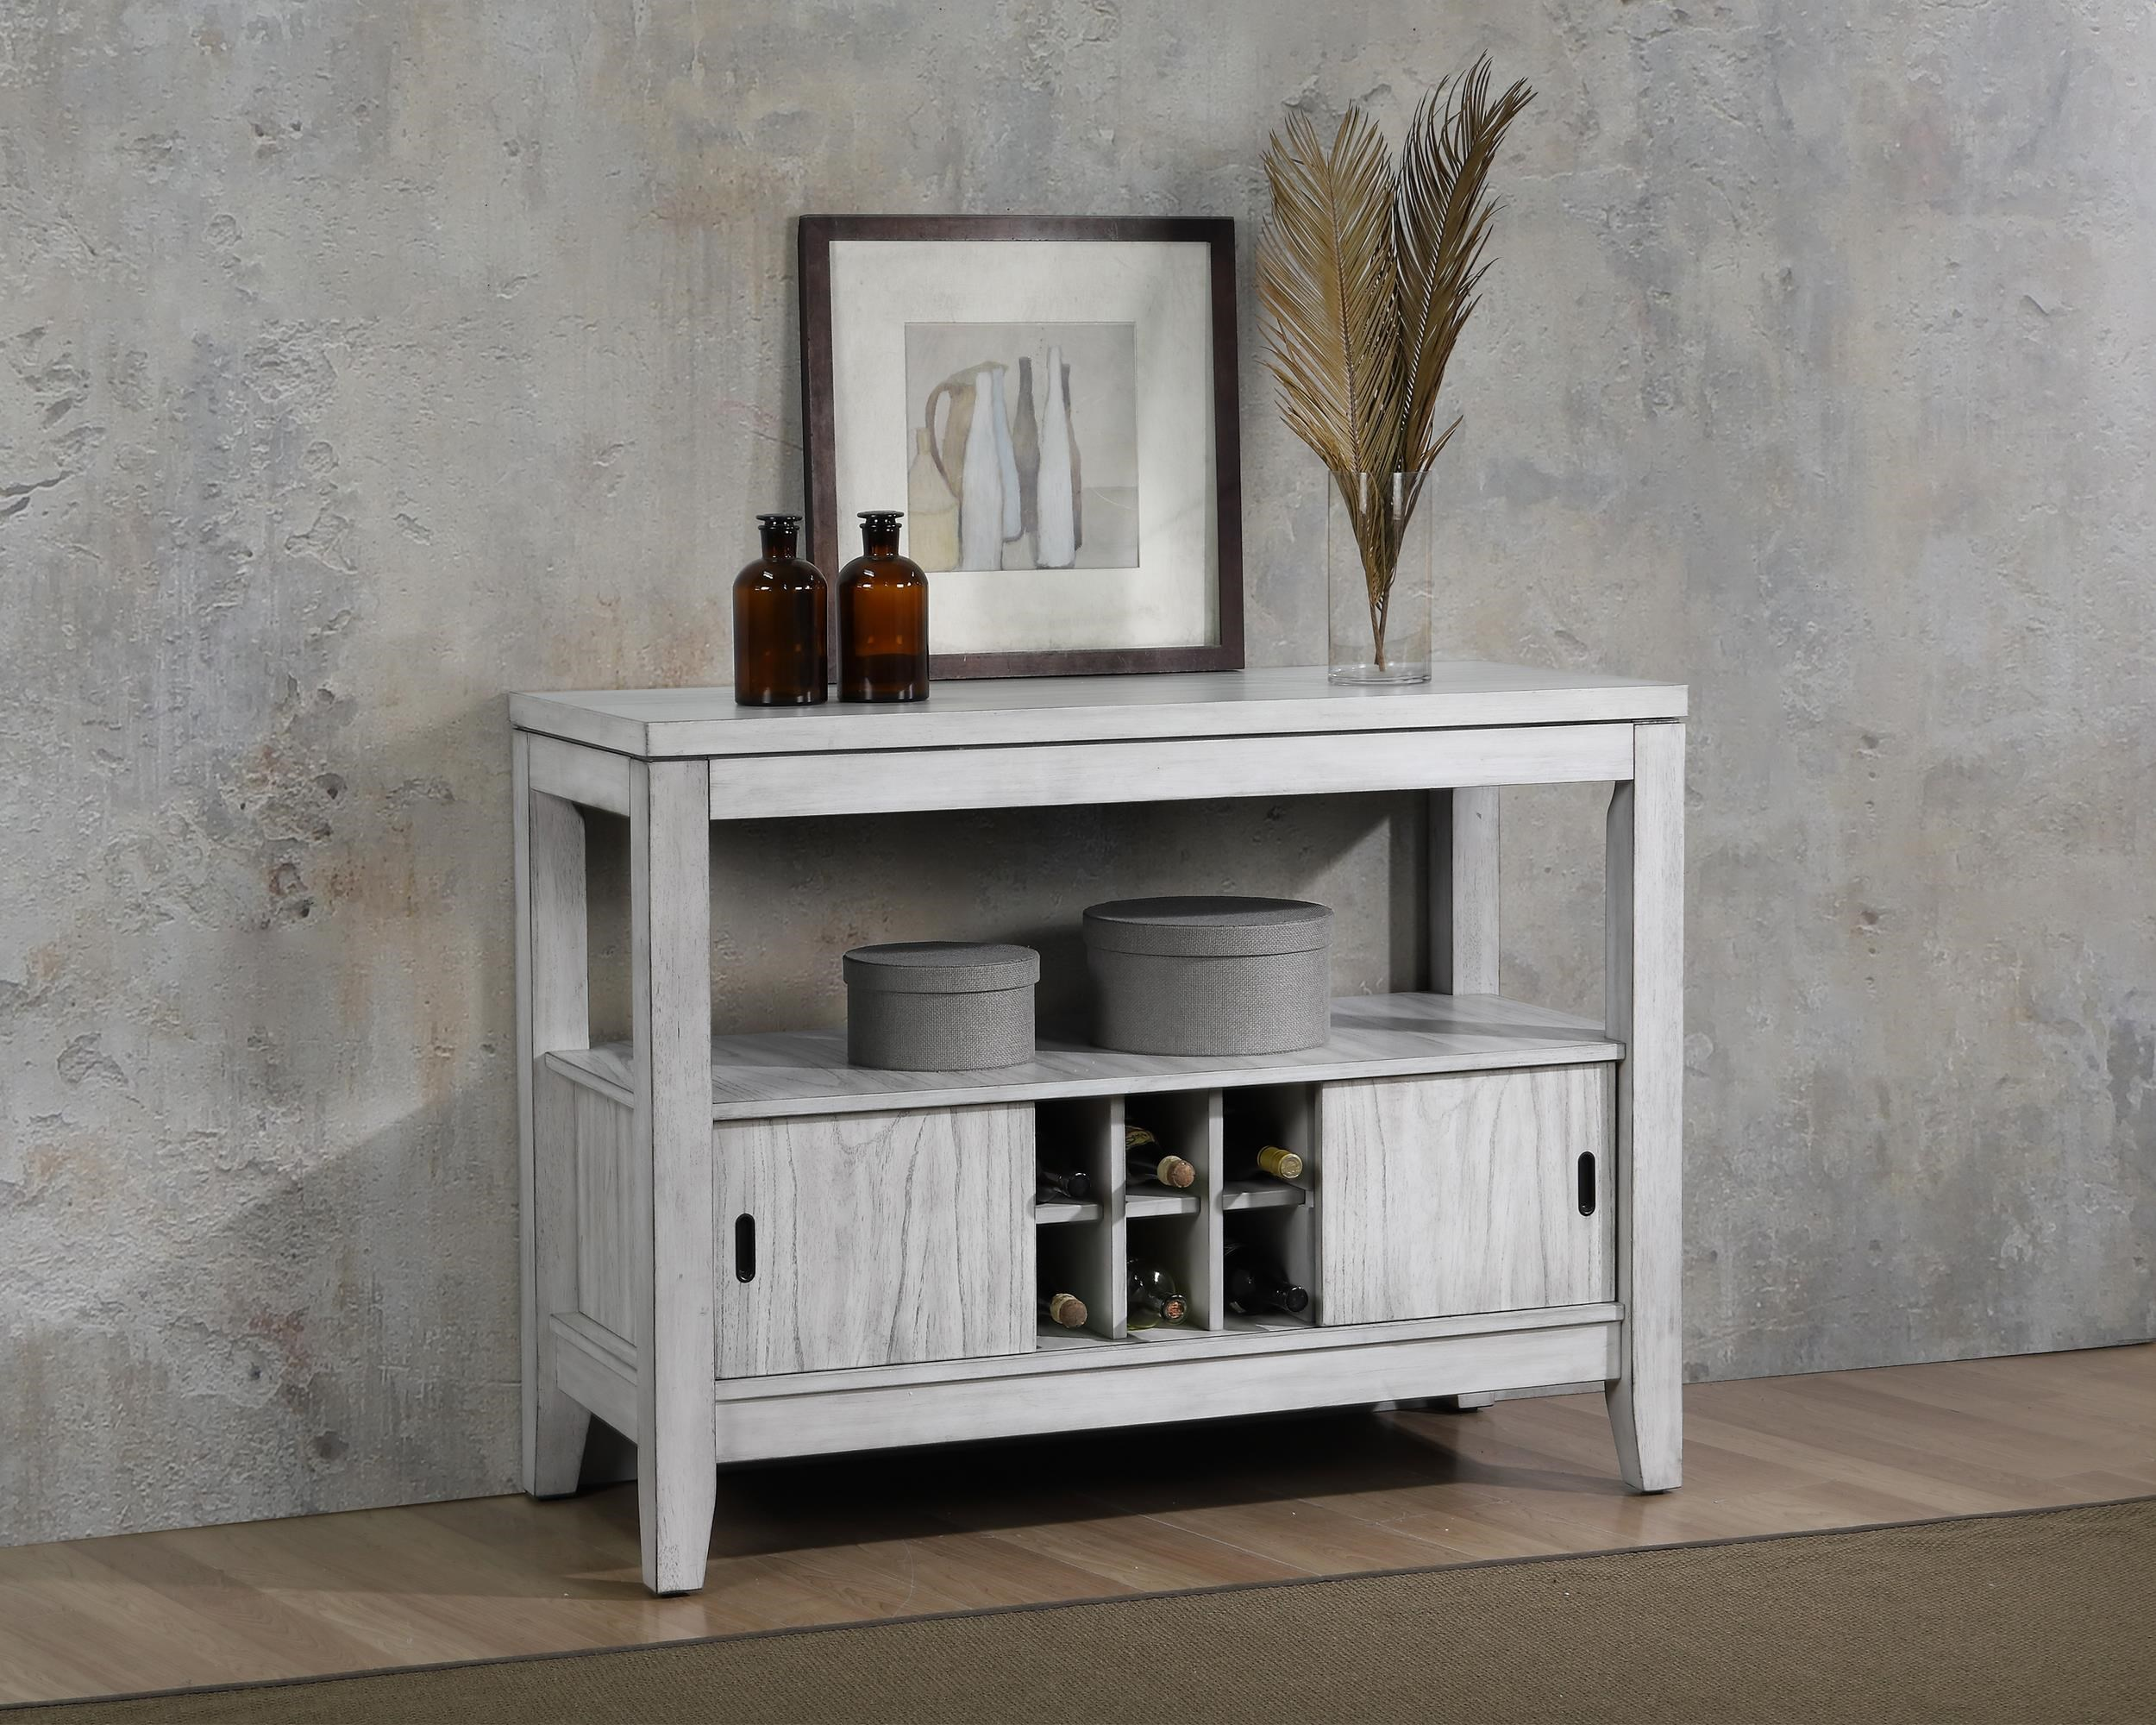 Summer Winds Sliding Door Wine Server by E.C.I. Furniture at Wayside Furniture